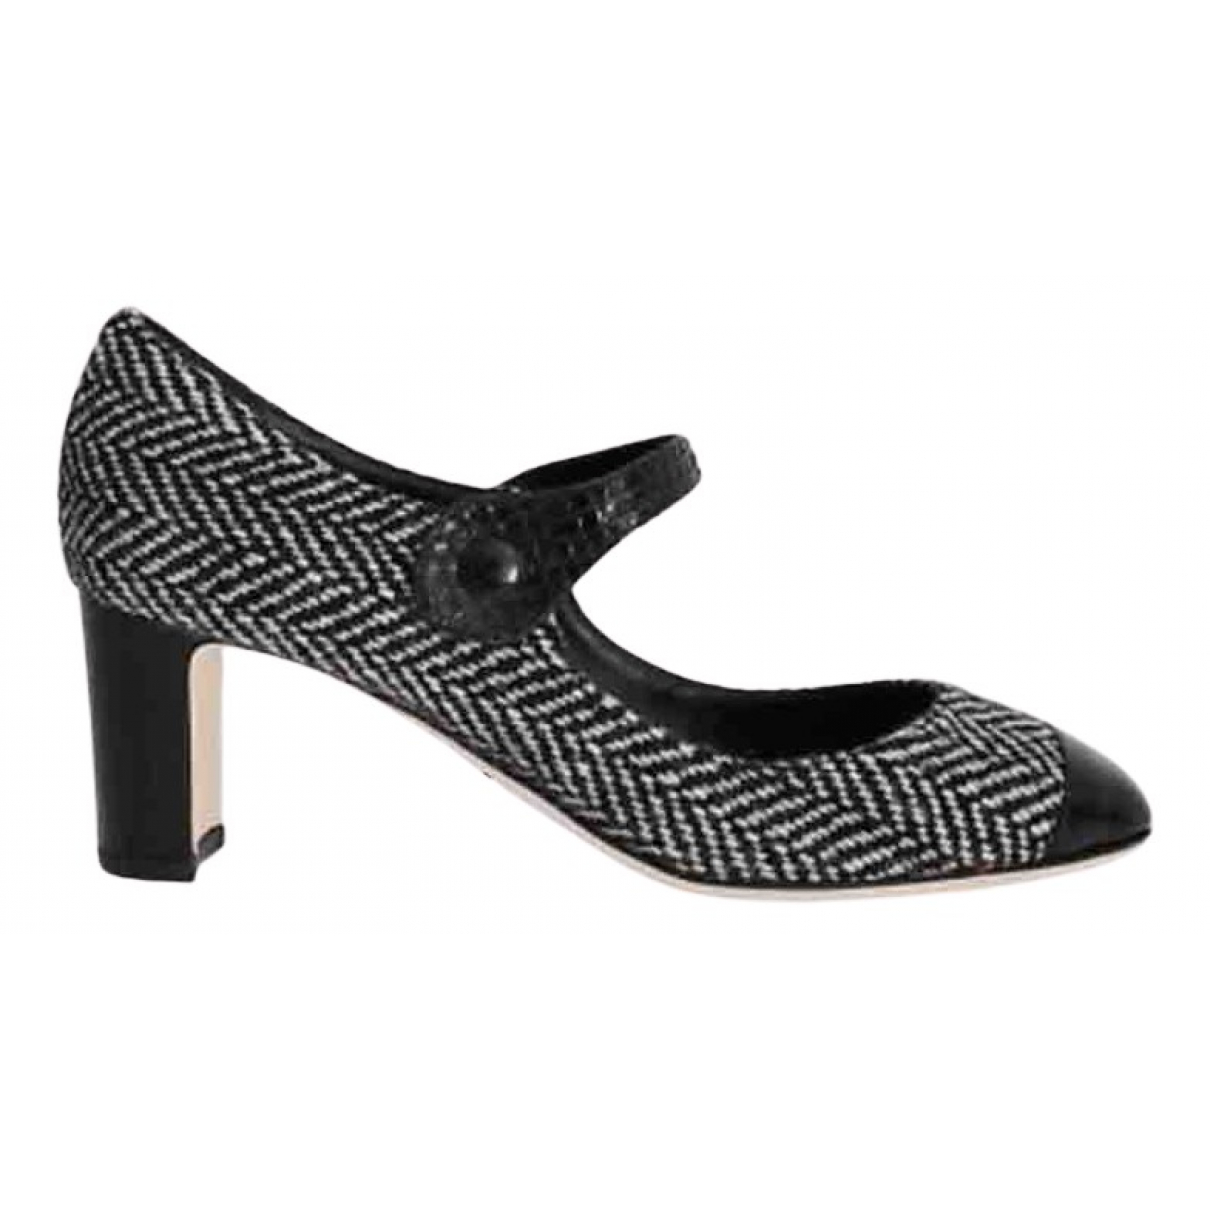 Dolce & Gabbana \N Pumps in  Grau Tweed